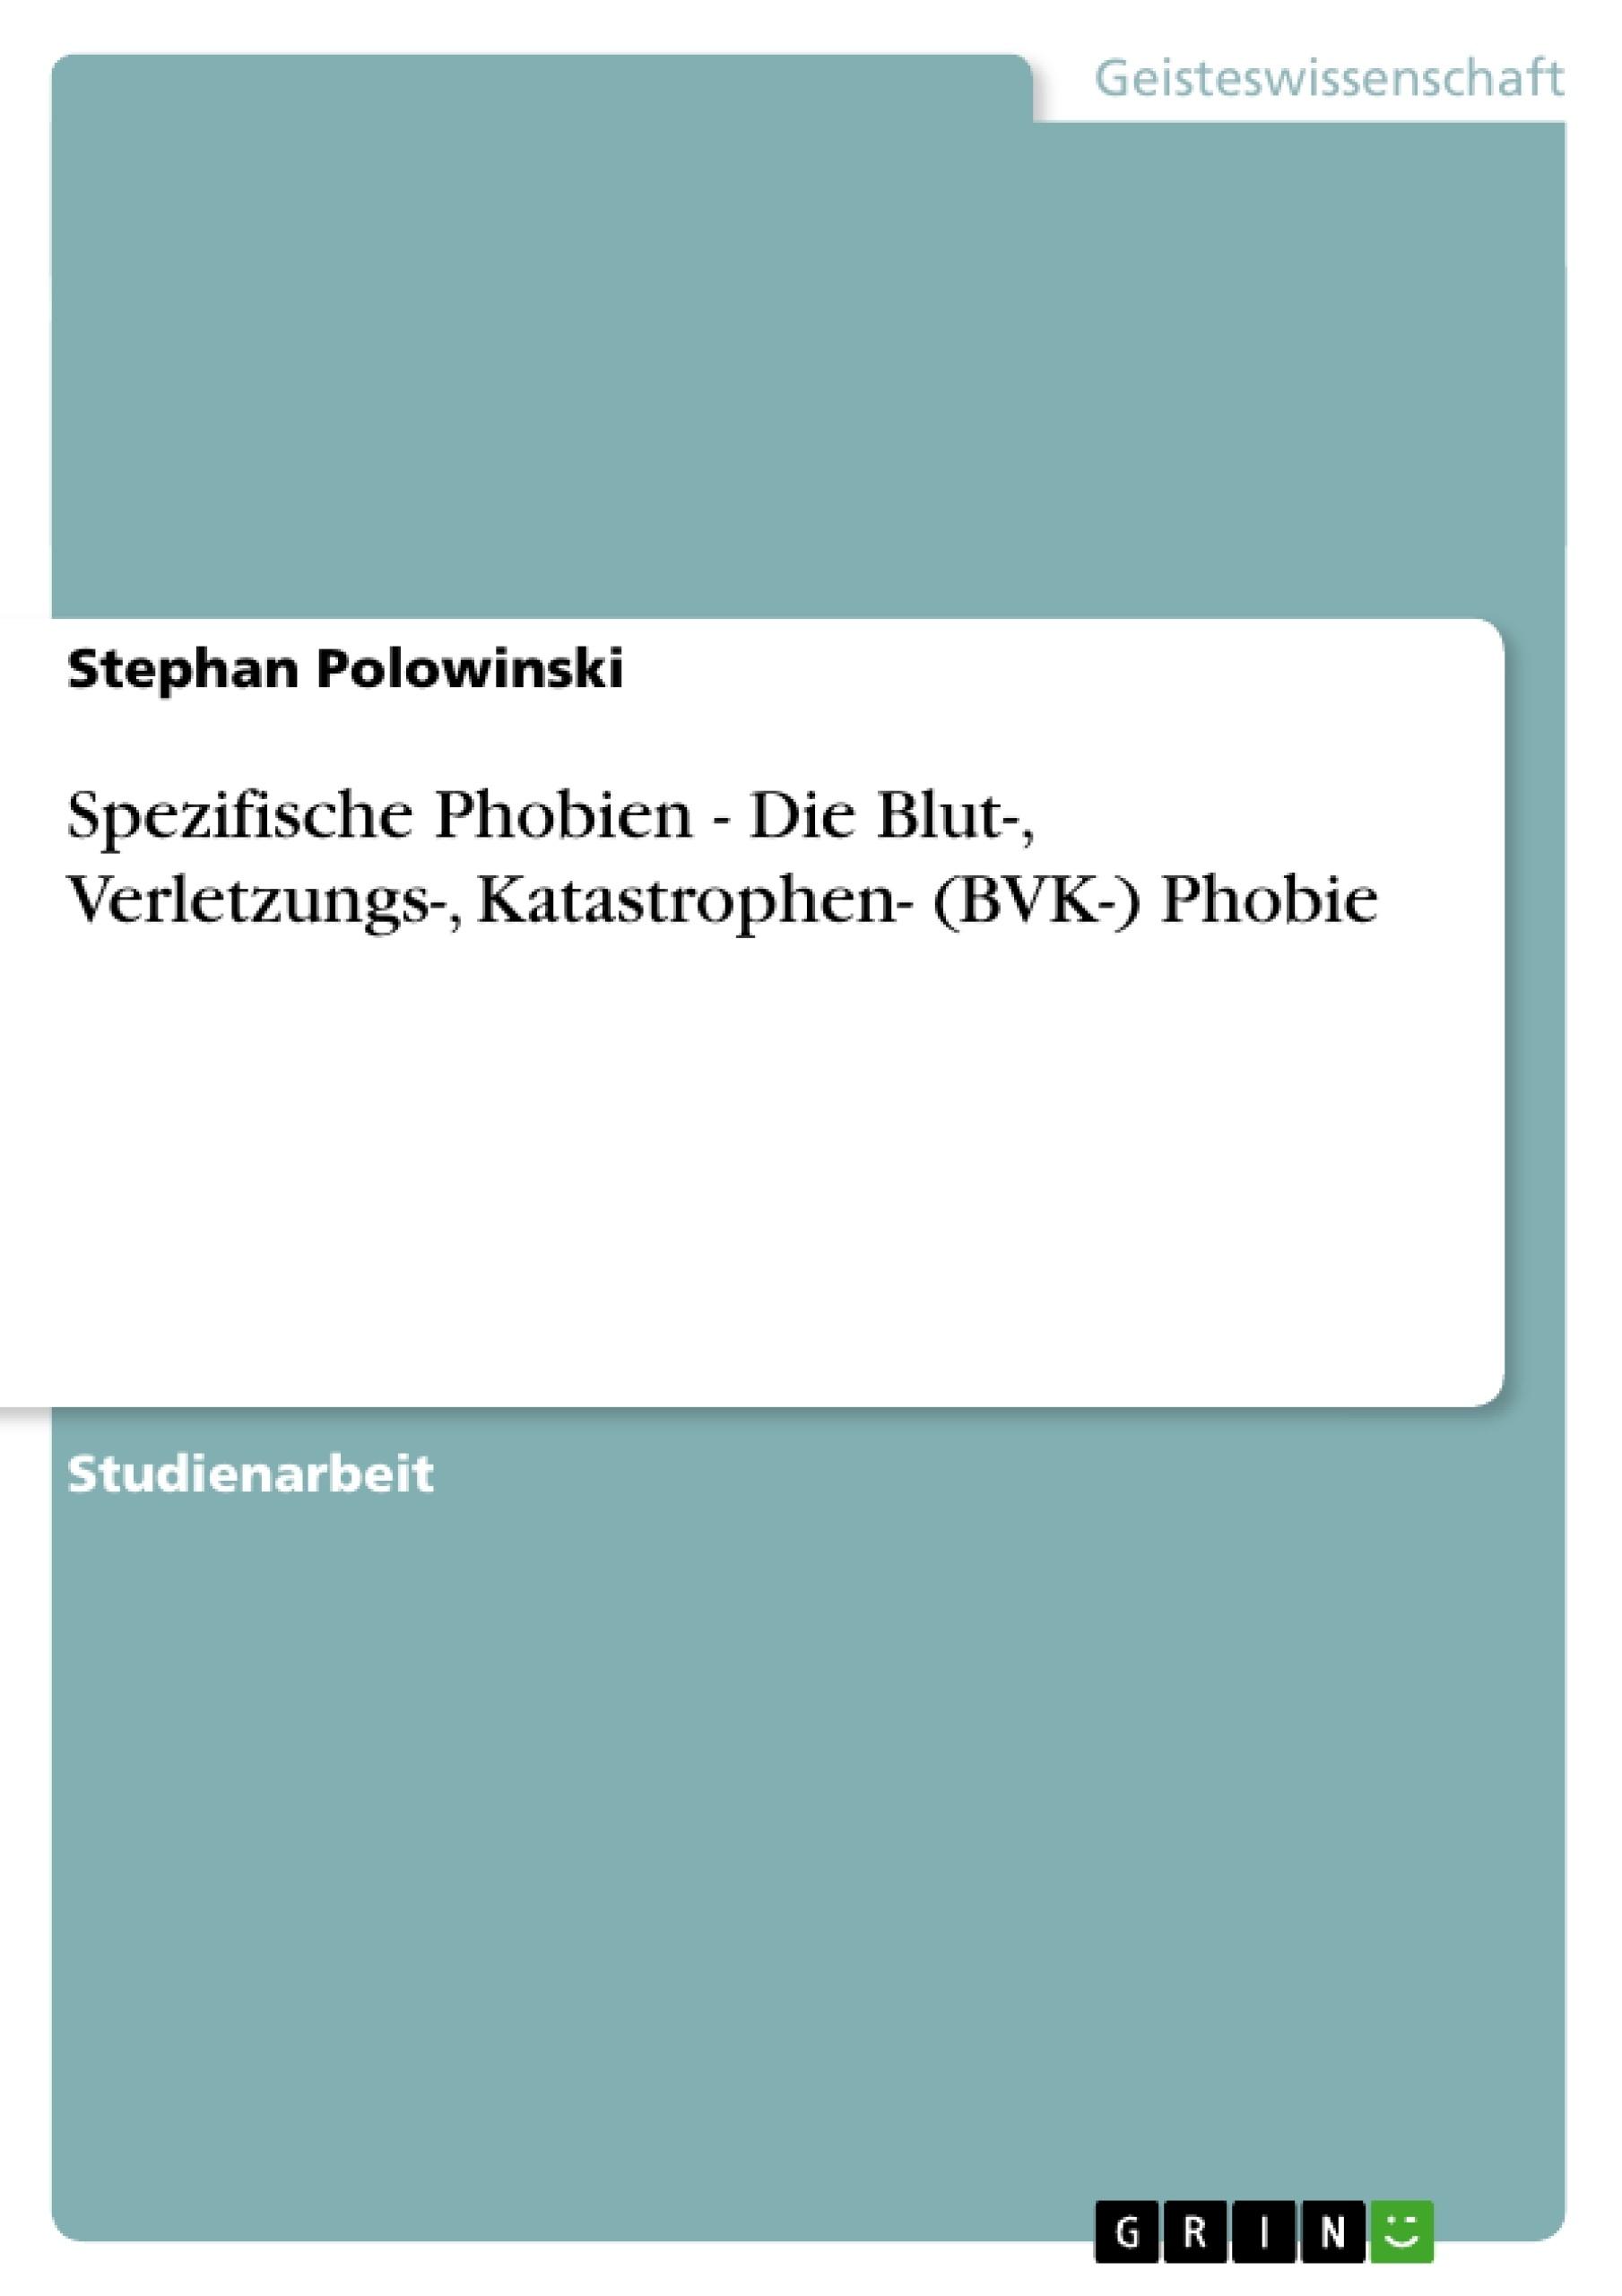 Titel: Spezifische Phobien - Die Blut-, Verletzungs-, Katastrophen- (BVK-) Phobie